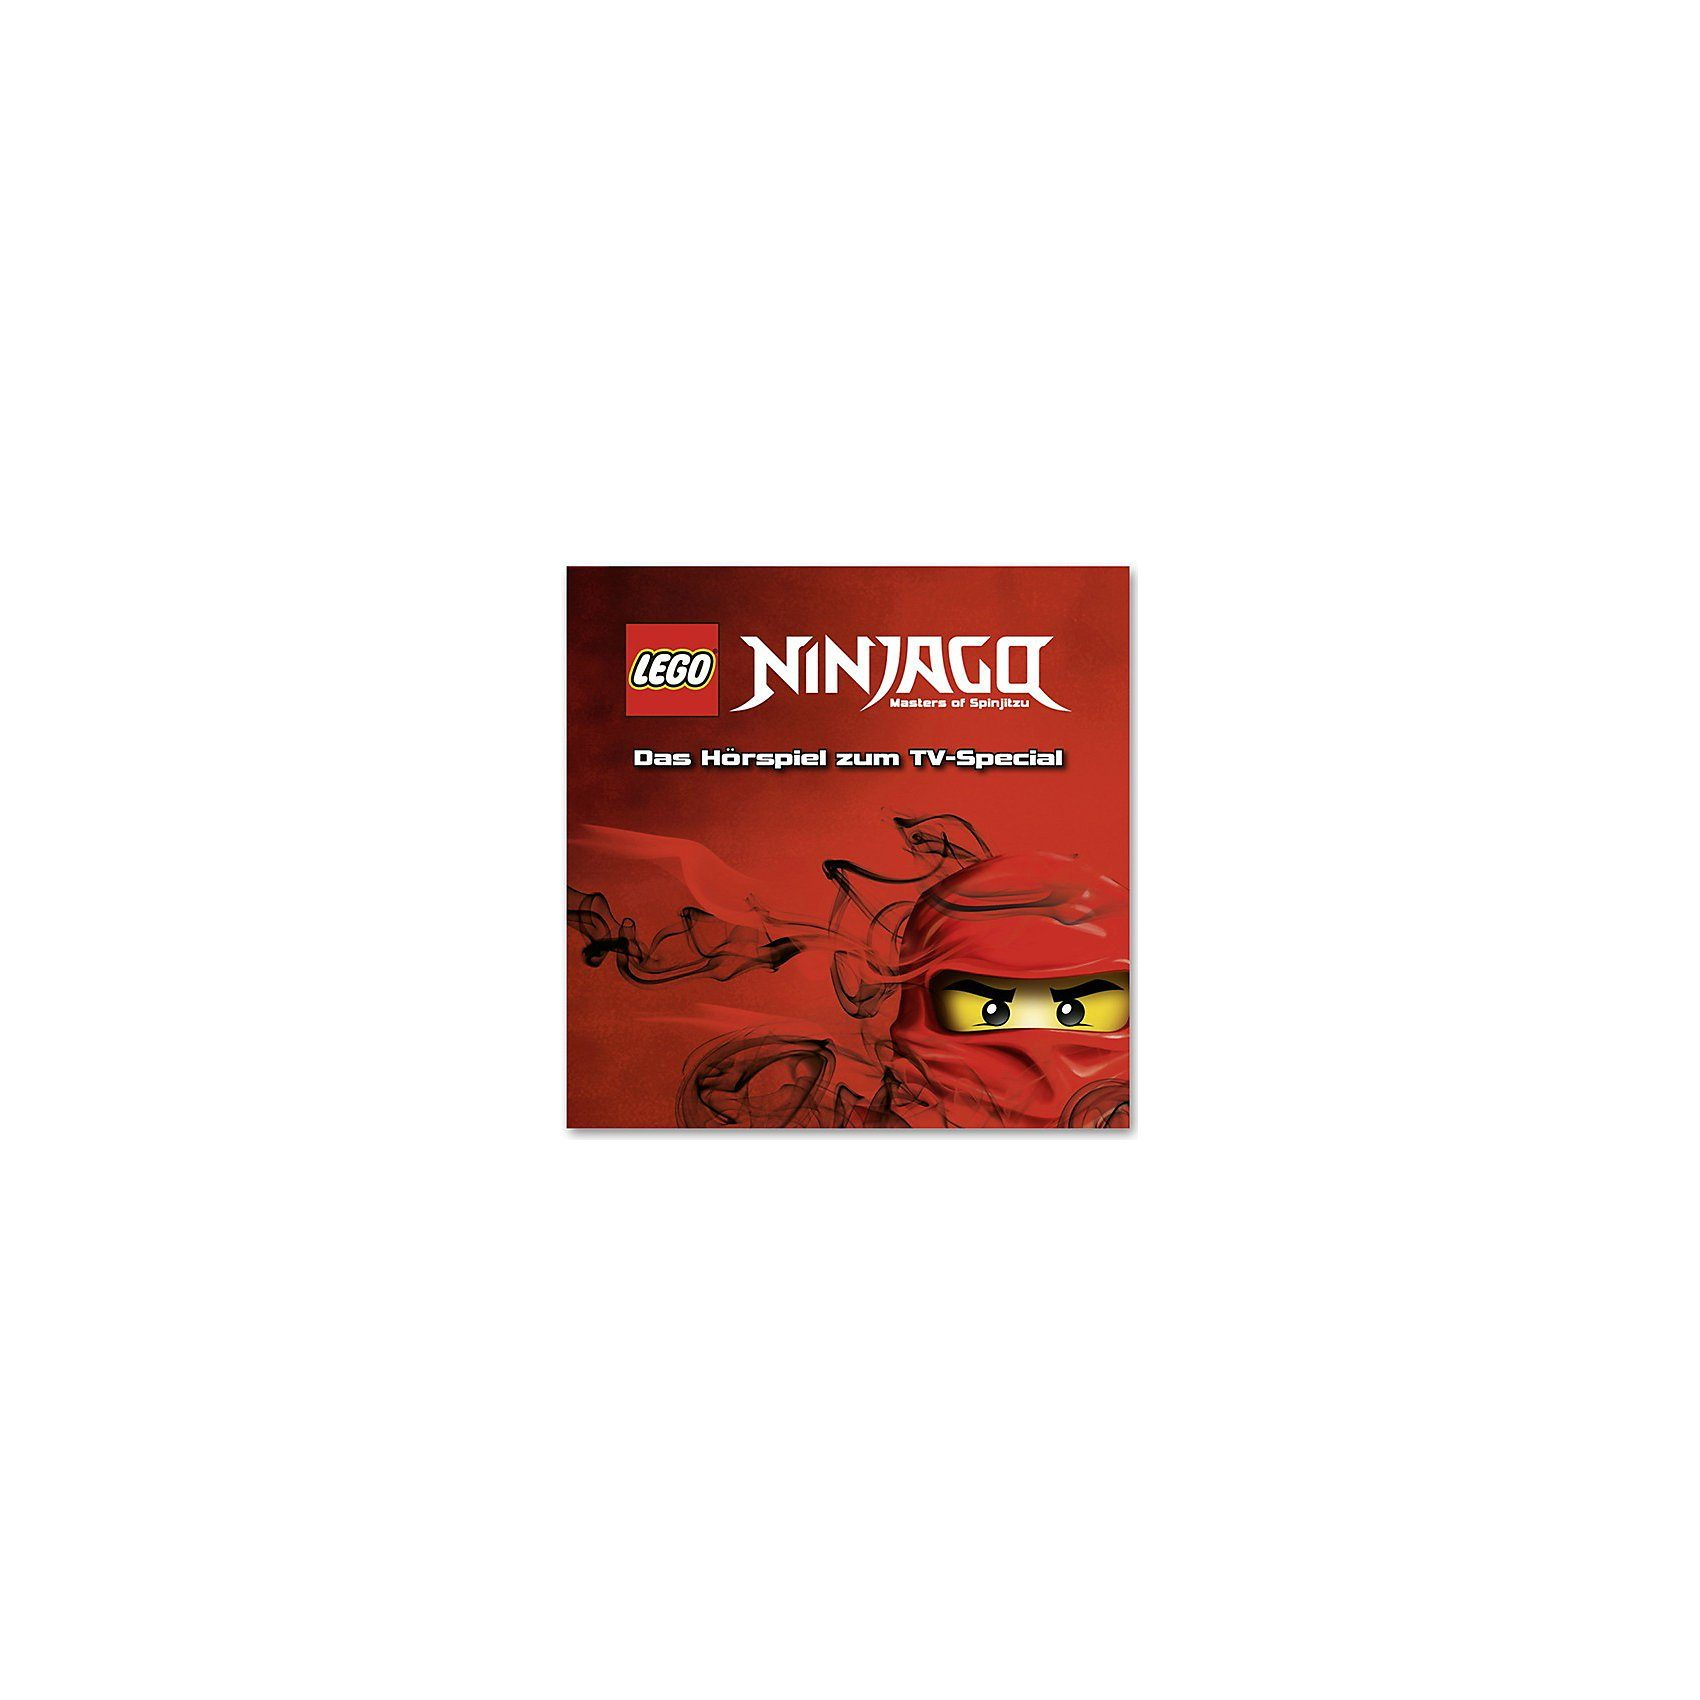 LEGO CD Ninjago - Master of Spinjitzu, Hörspiel zum TV-Special